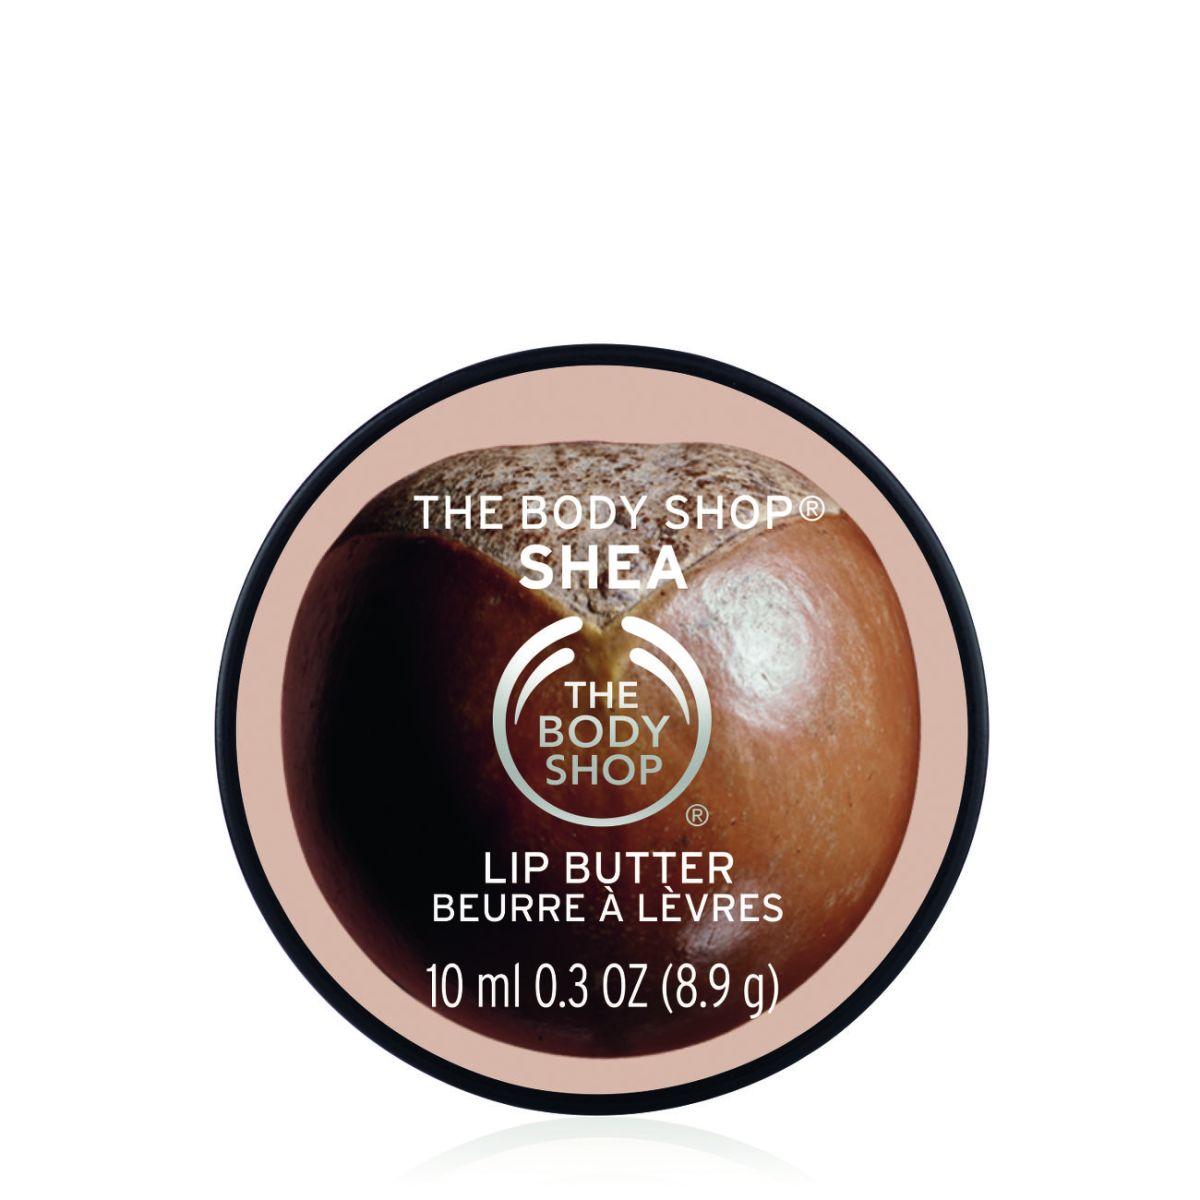 The Body Shop Shea Lip Butter FreshBeautyFix